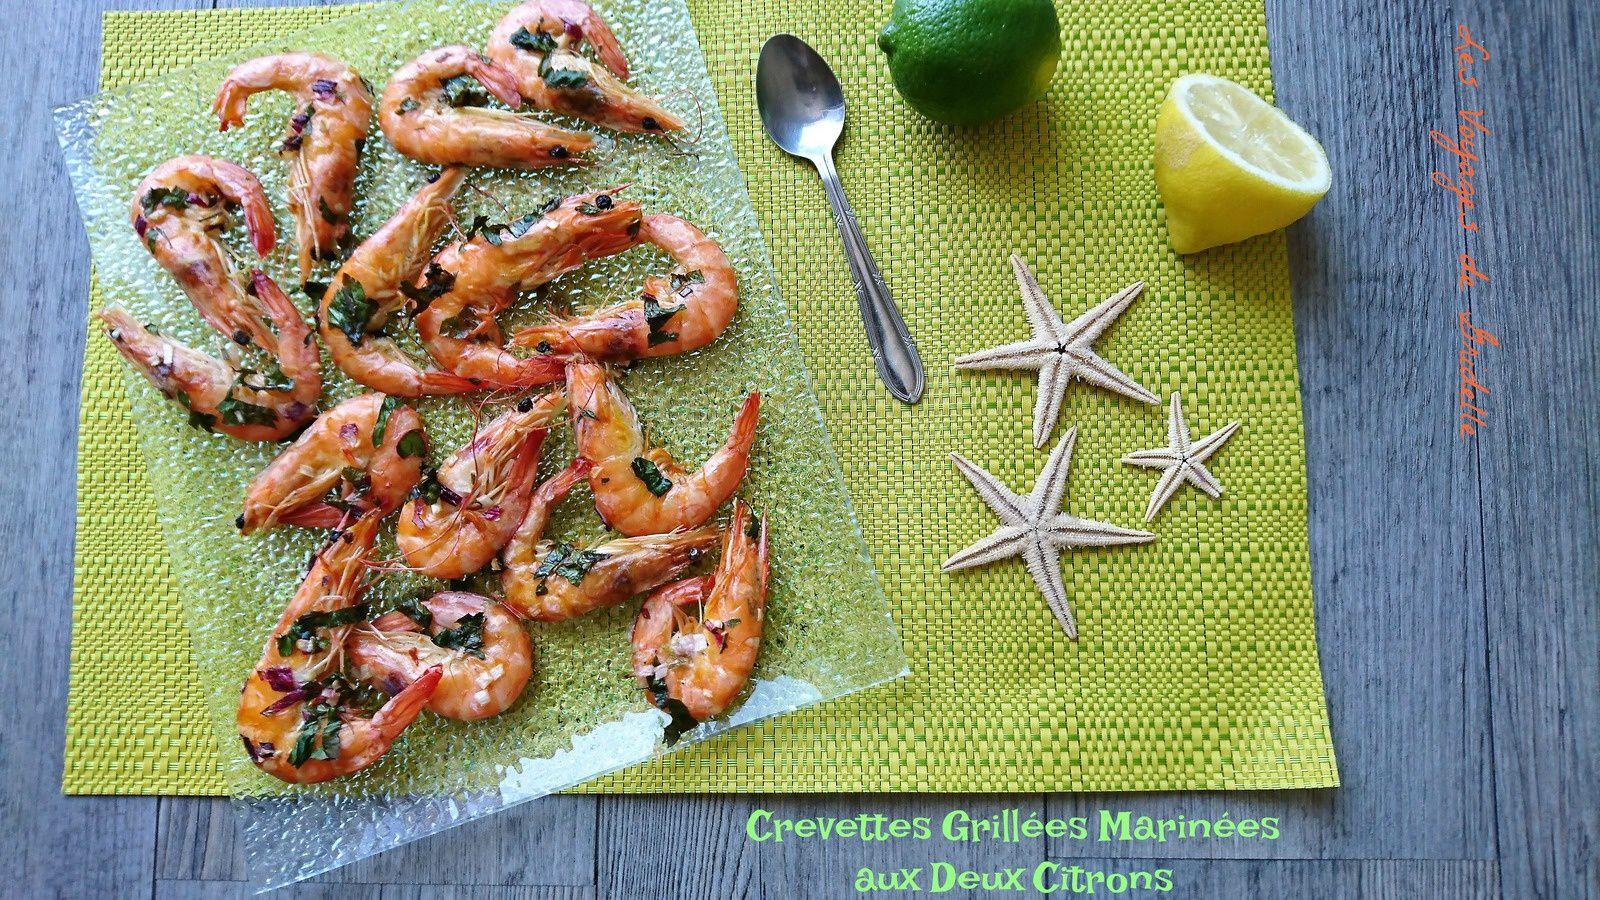 Crevettes Grillées Marinées aux Deux Citrons - Les Voyages de Gridelle